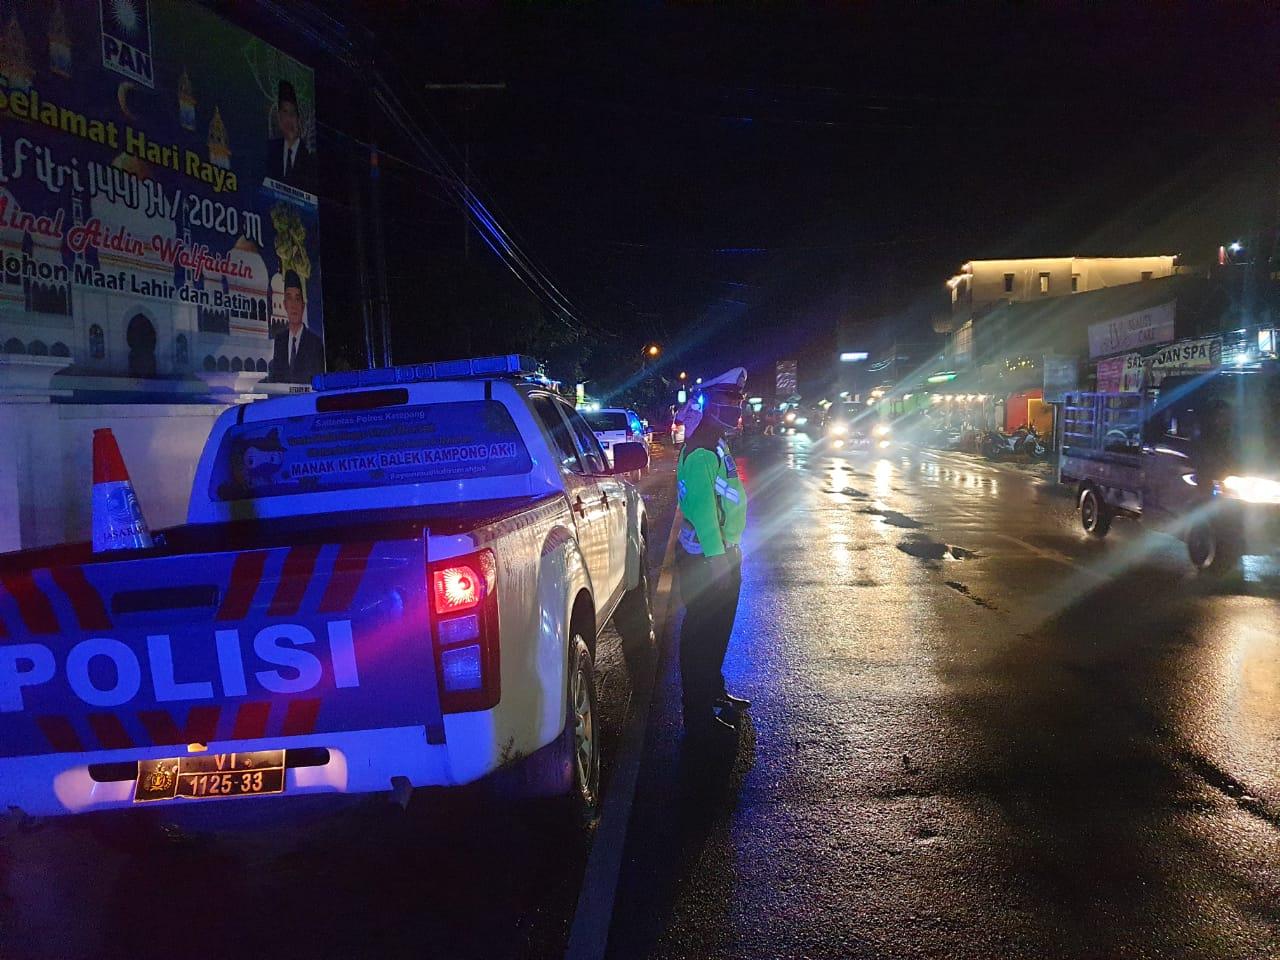 Piket Trujawali Sat Lantas Melaksanakan giat BLP (Blue Light Patrol) dan Patroli Malam